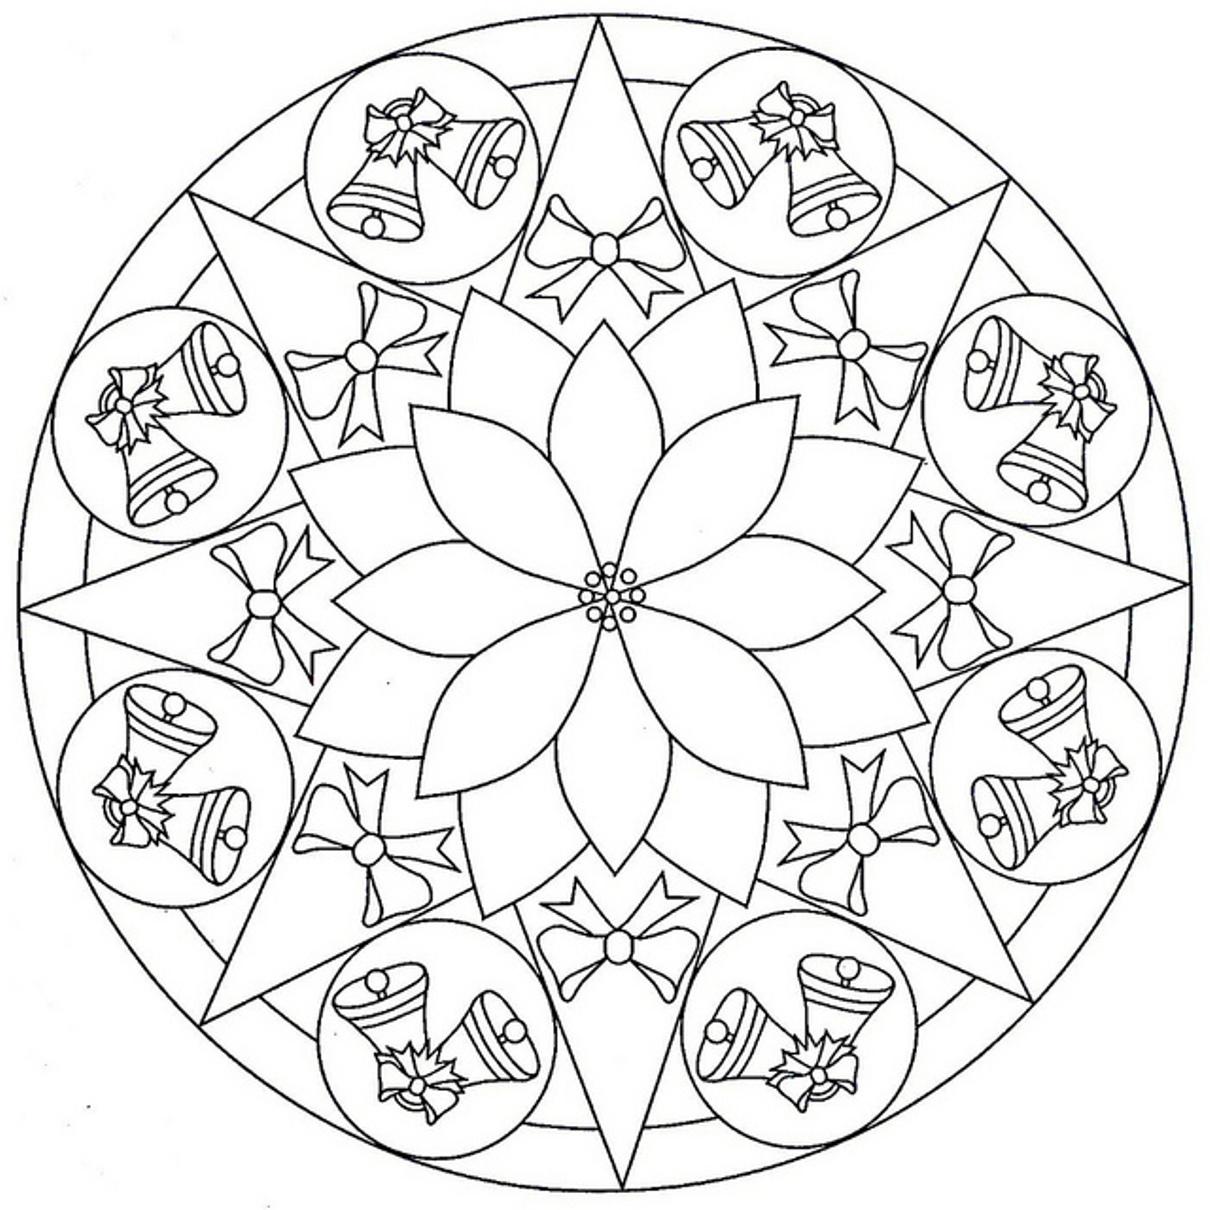 Колокольчики с бантиками в рисунке на шаре Раскраски зима скачать бесплатно